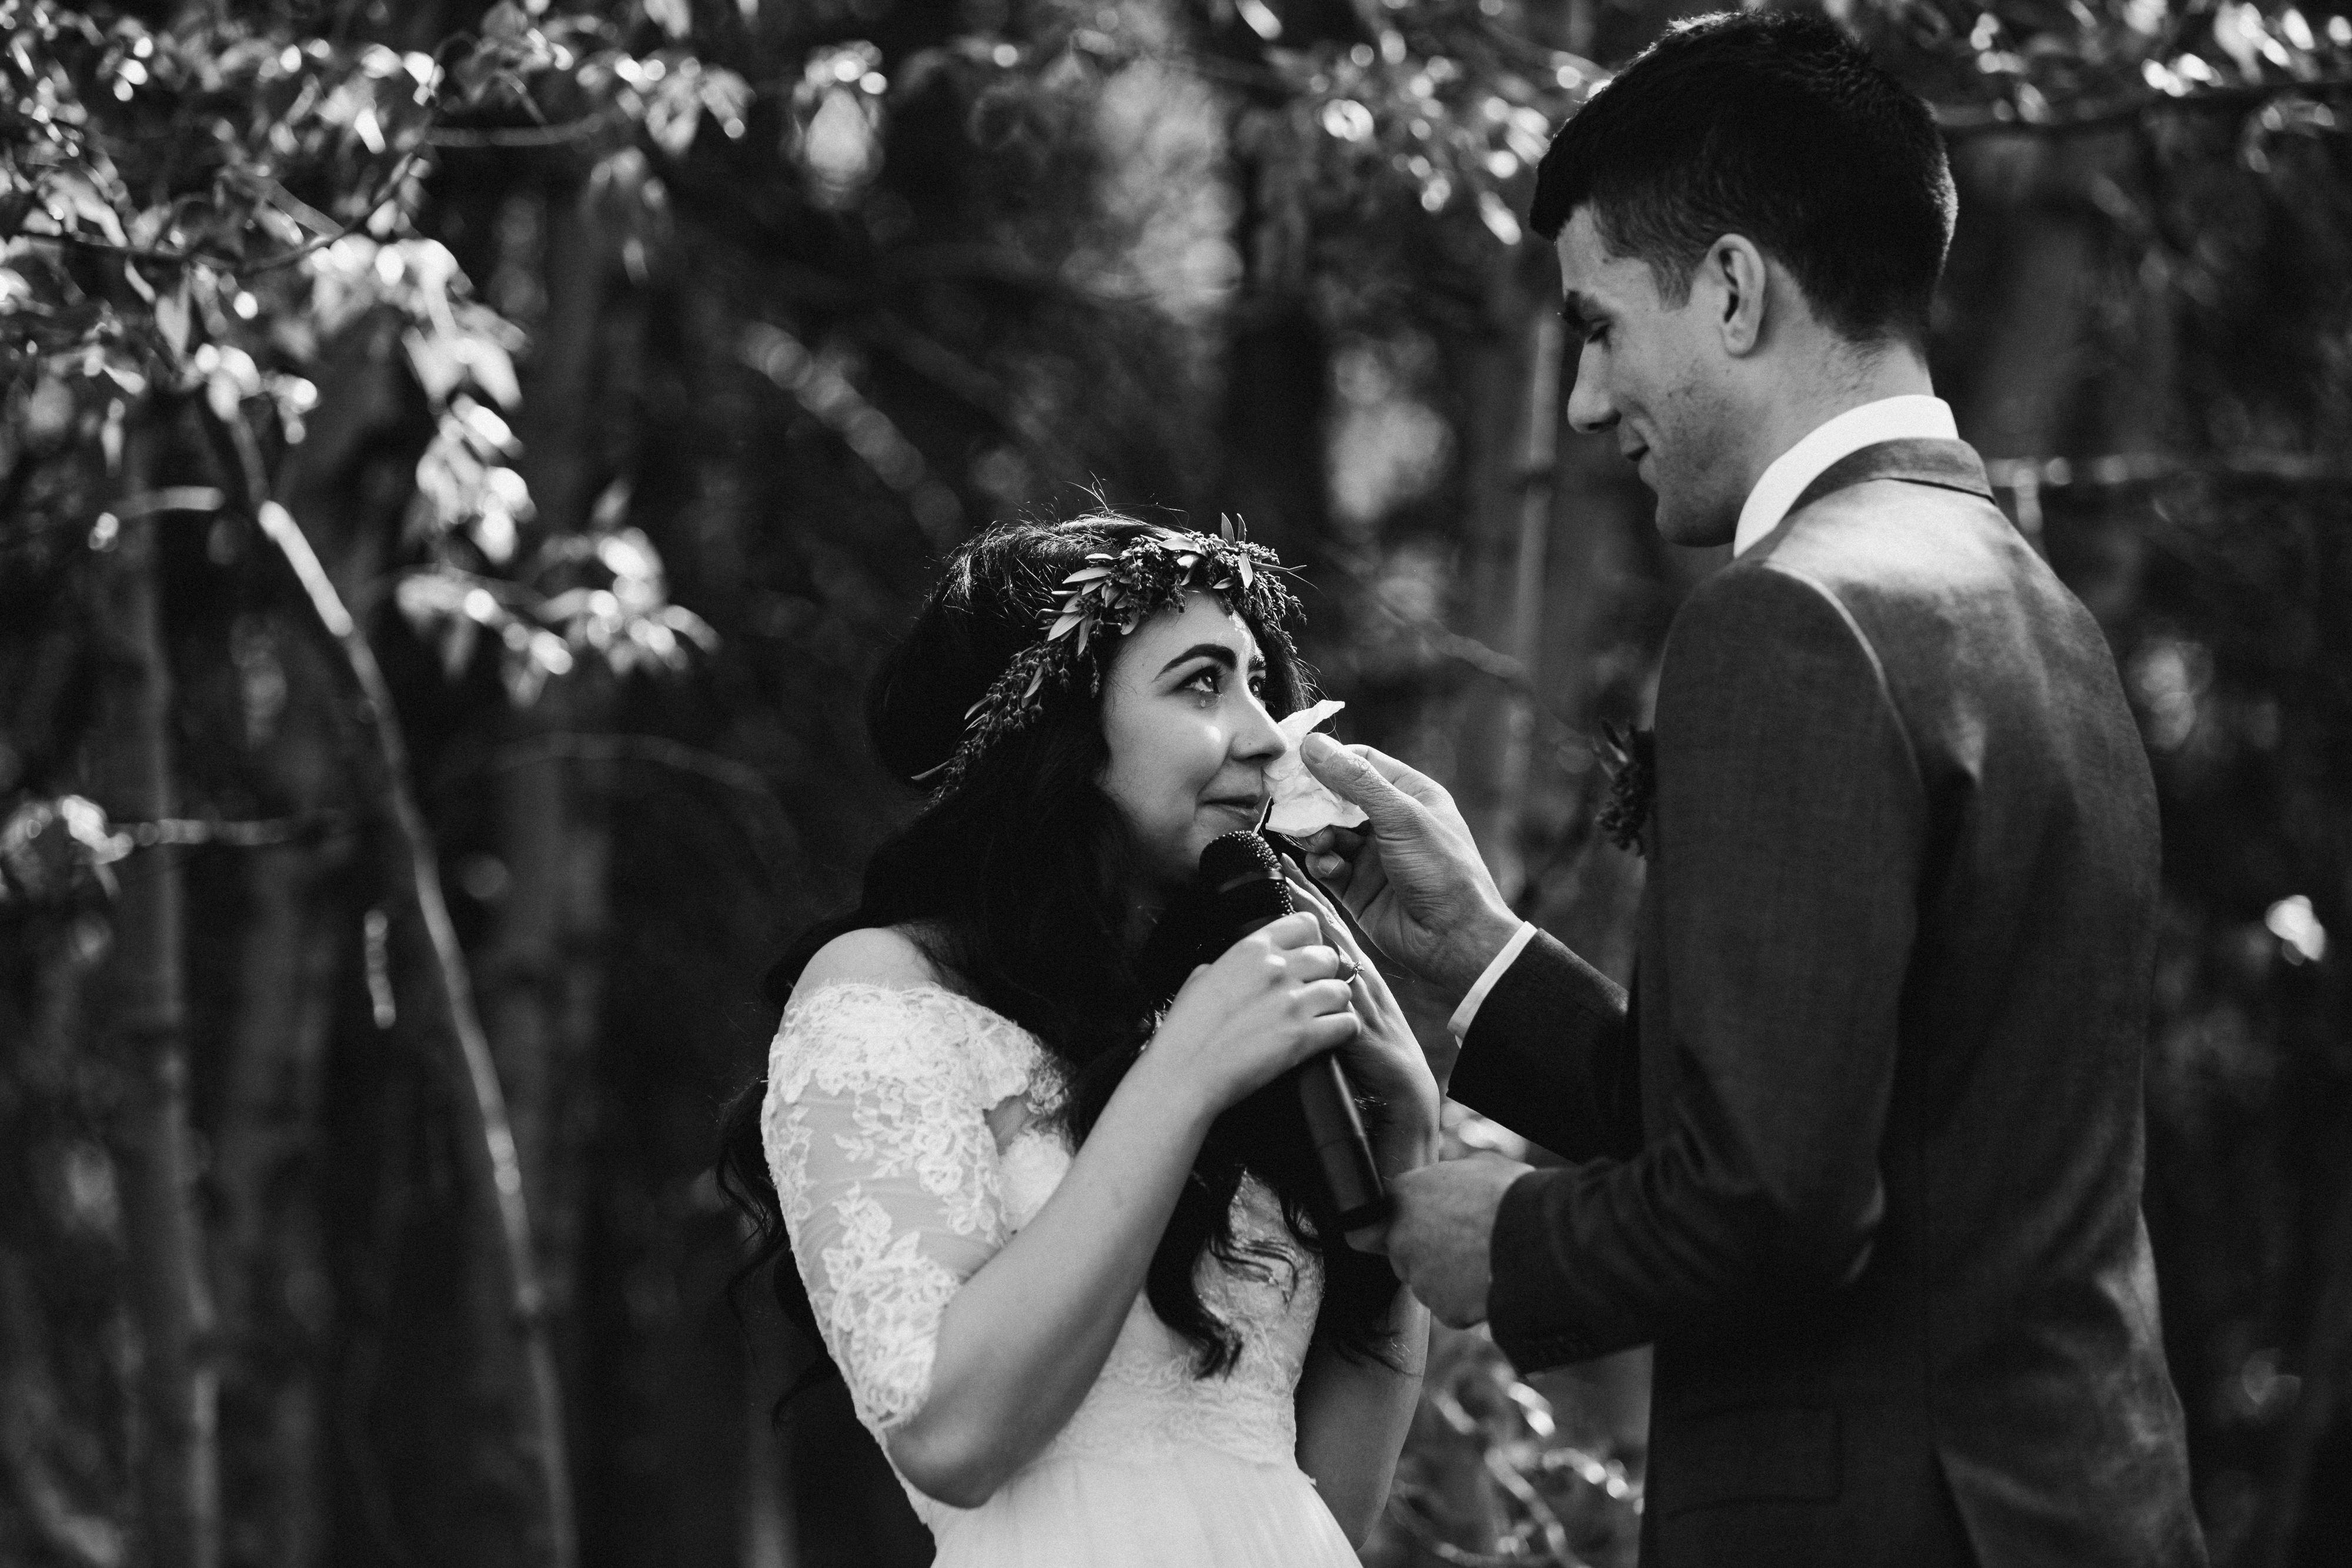 Janine rose wedding photography